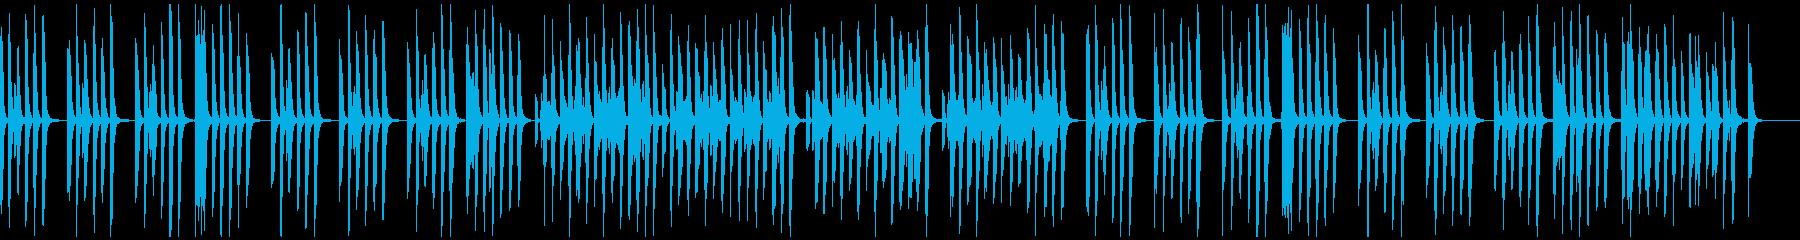 リコーダー、マリンバの間抜けで可愛い曲の再生済みの波形